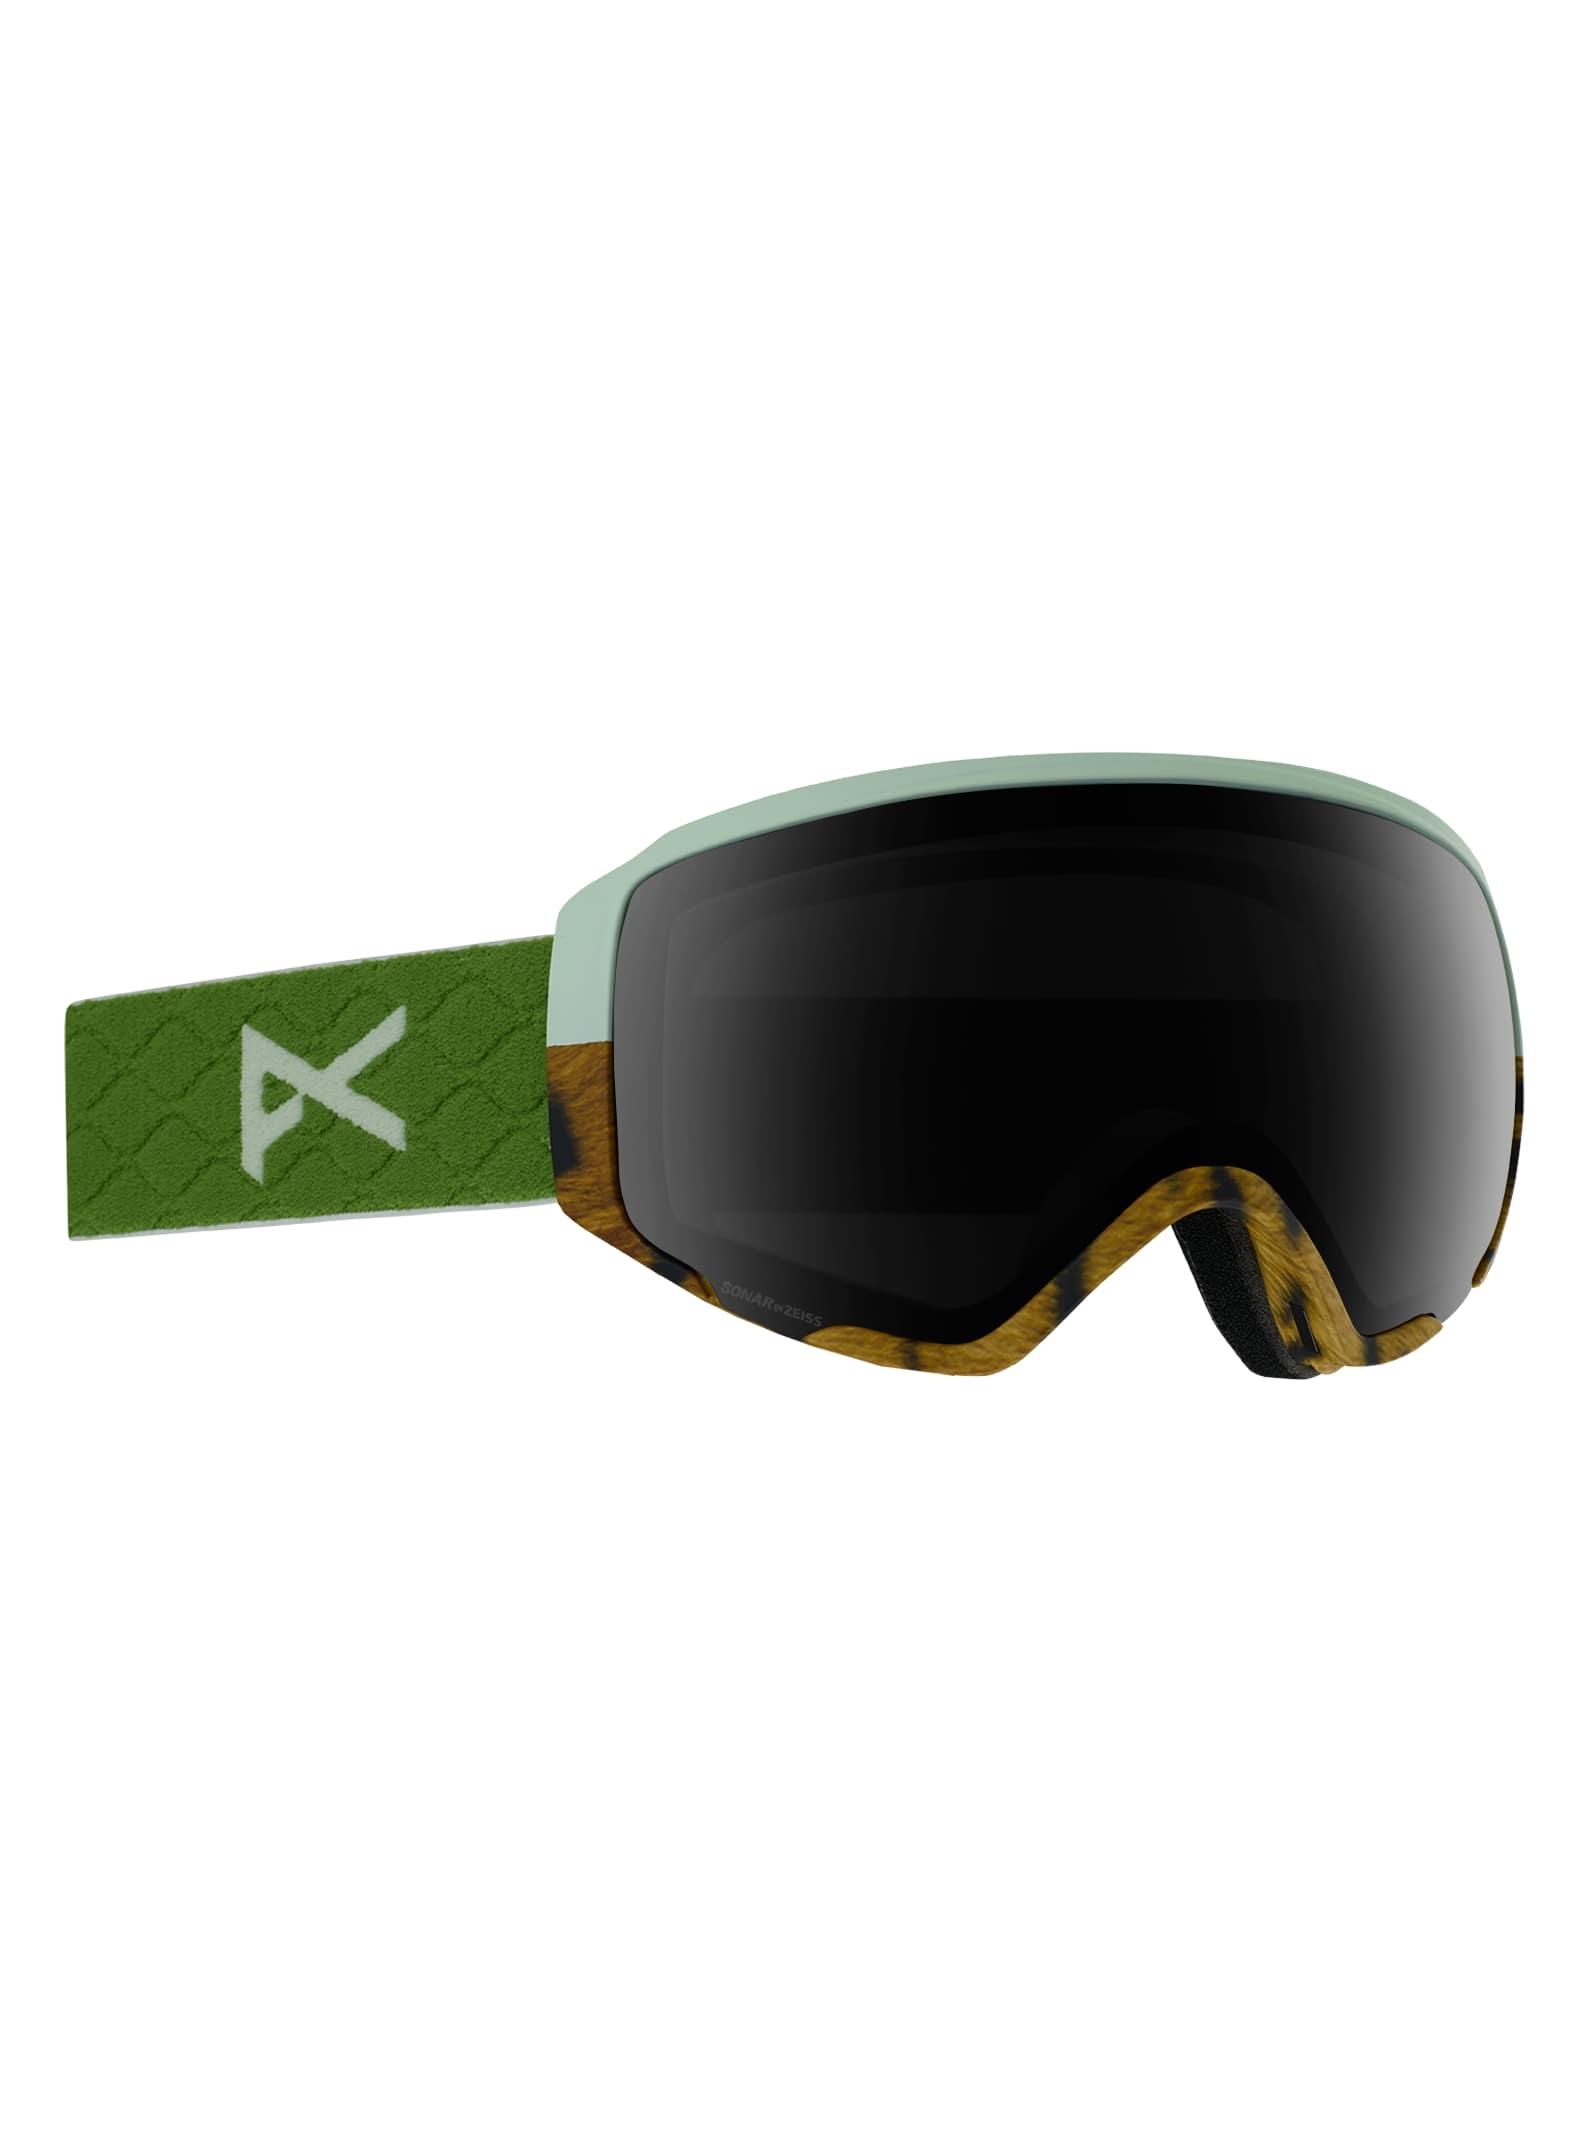 Anon WM1 skidglasögon + reservlins för damer, Frame: Tiger, Lens: SONAR Smoke, Spare Lens: SONAR Green